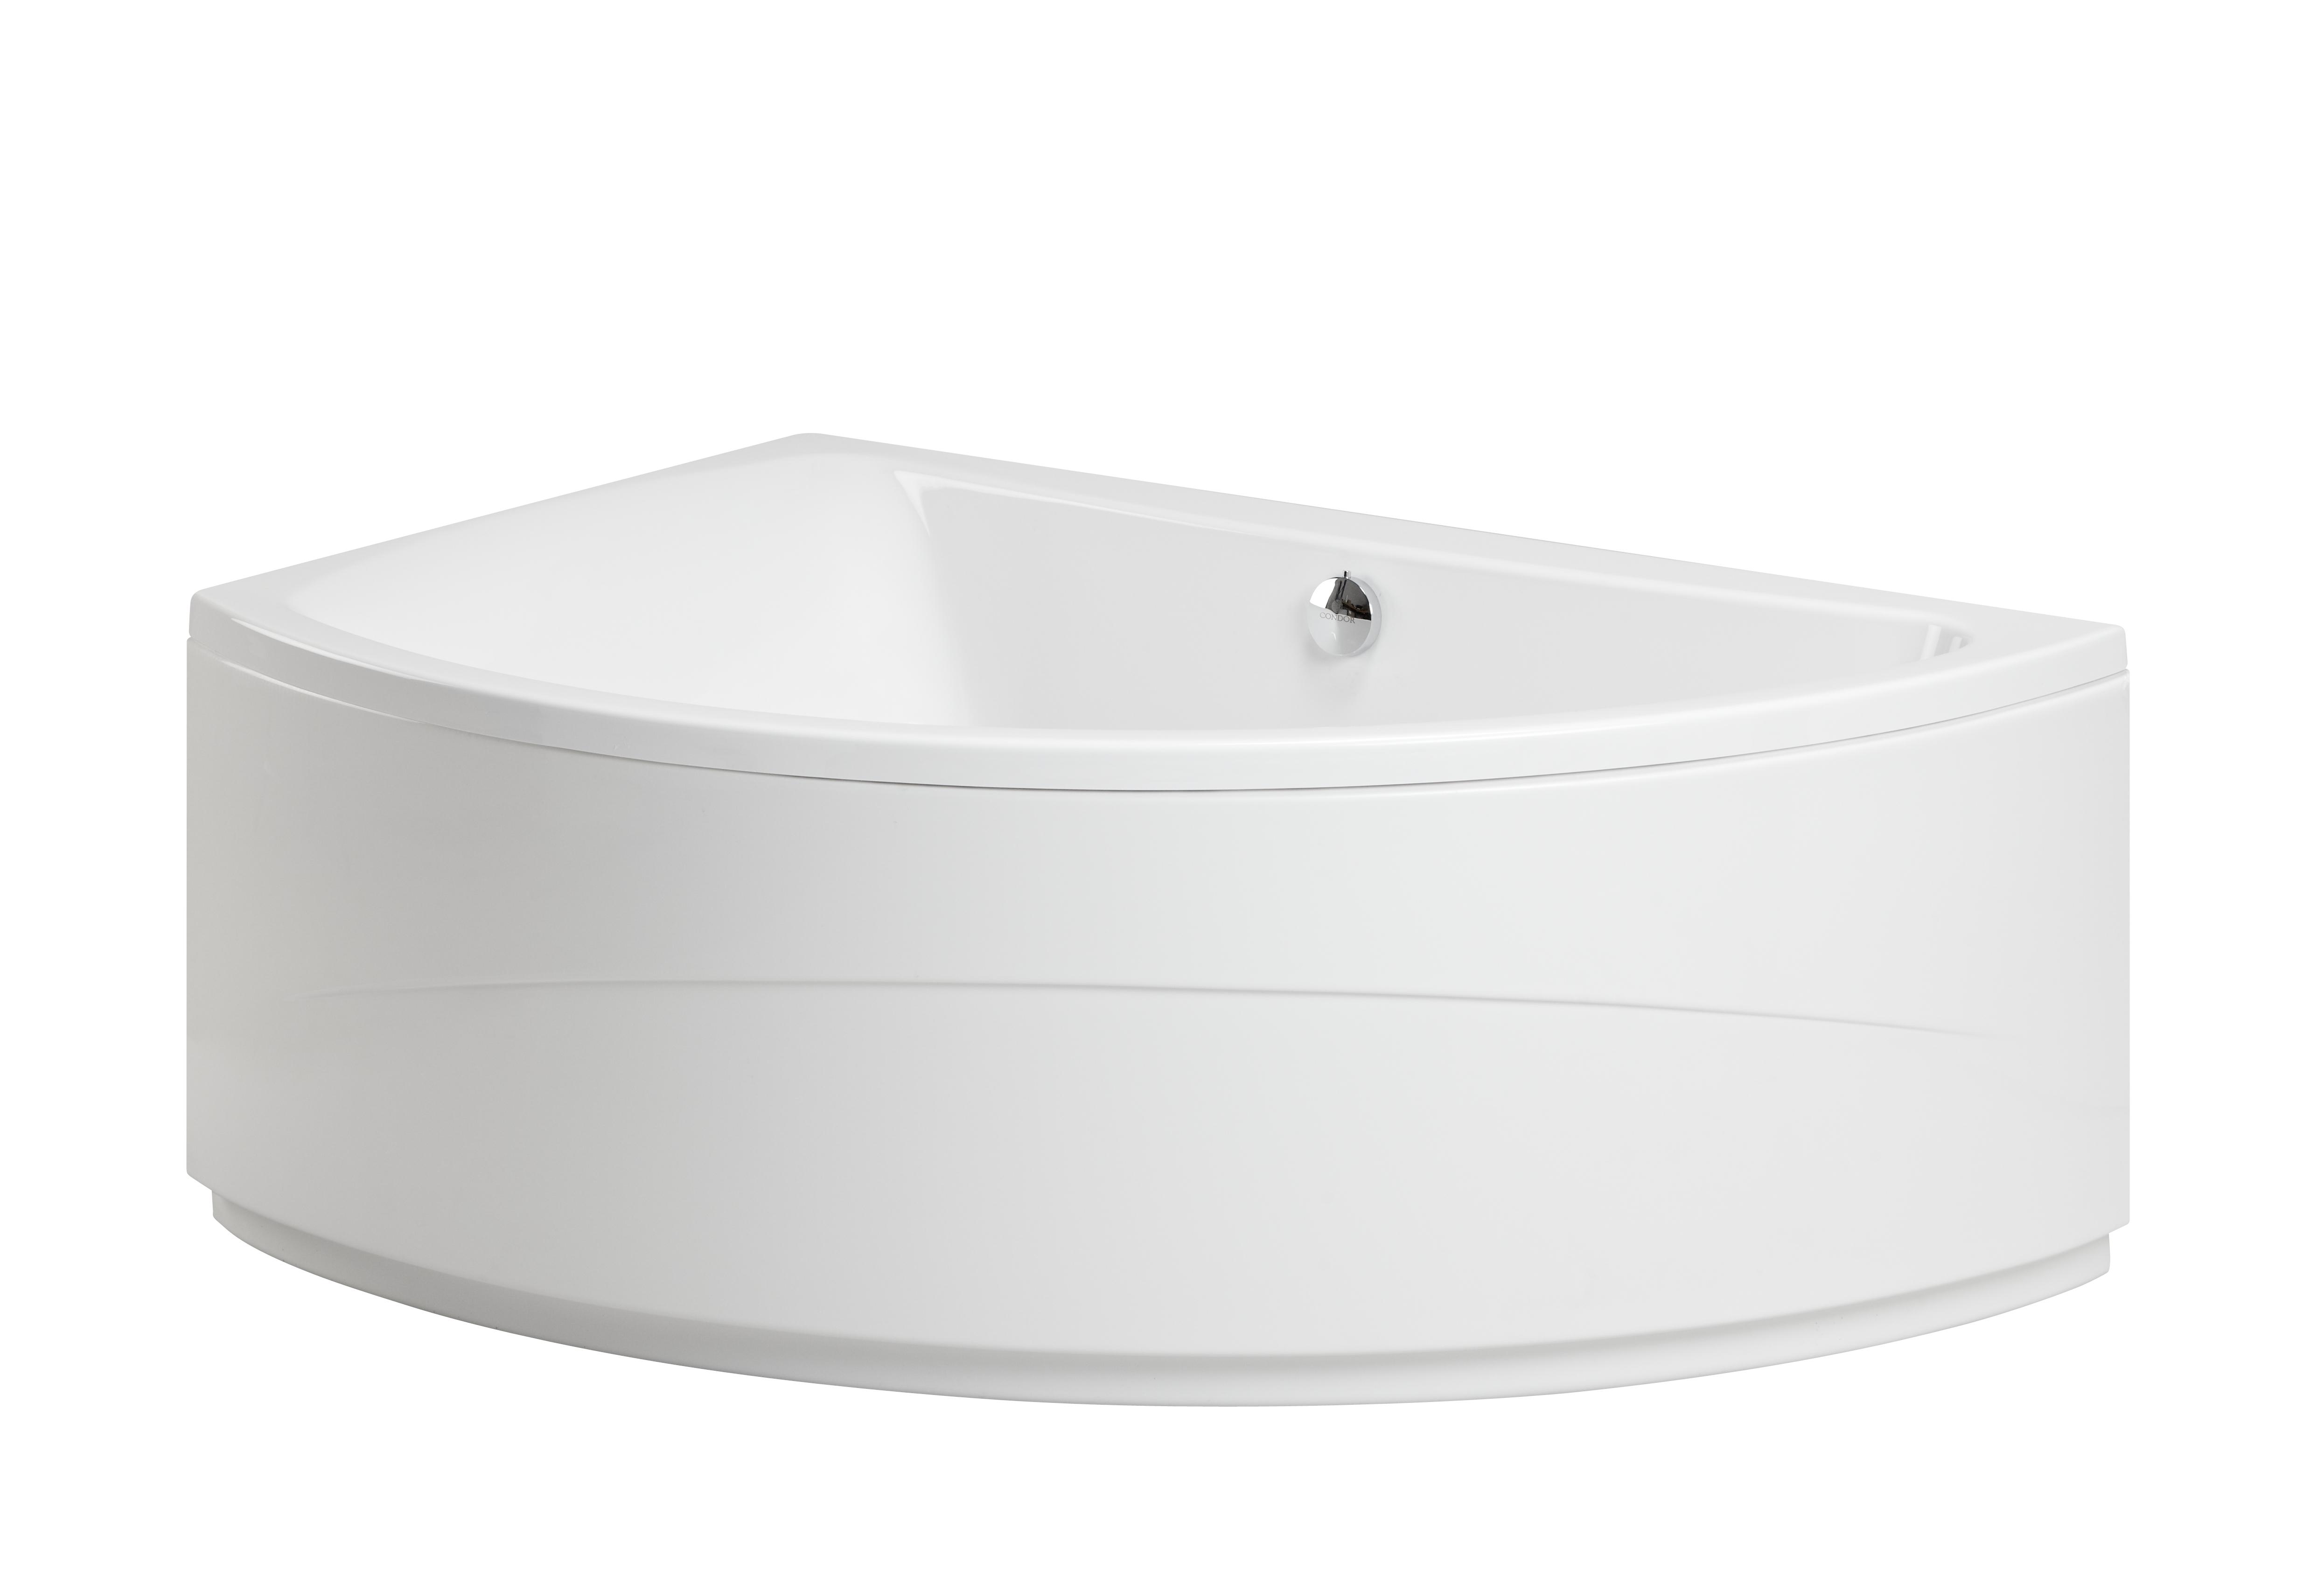 baignoire rsine ou acrylique. peinture resine pour baignoire luxe